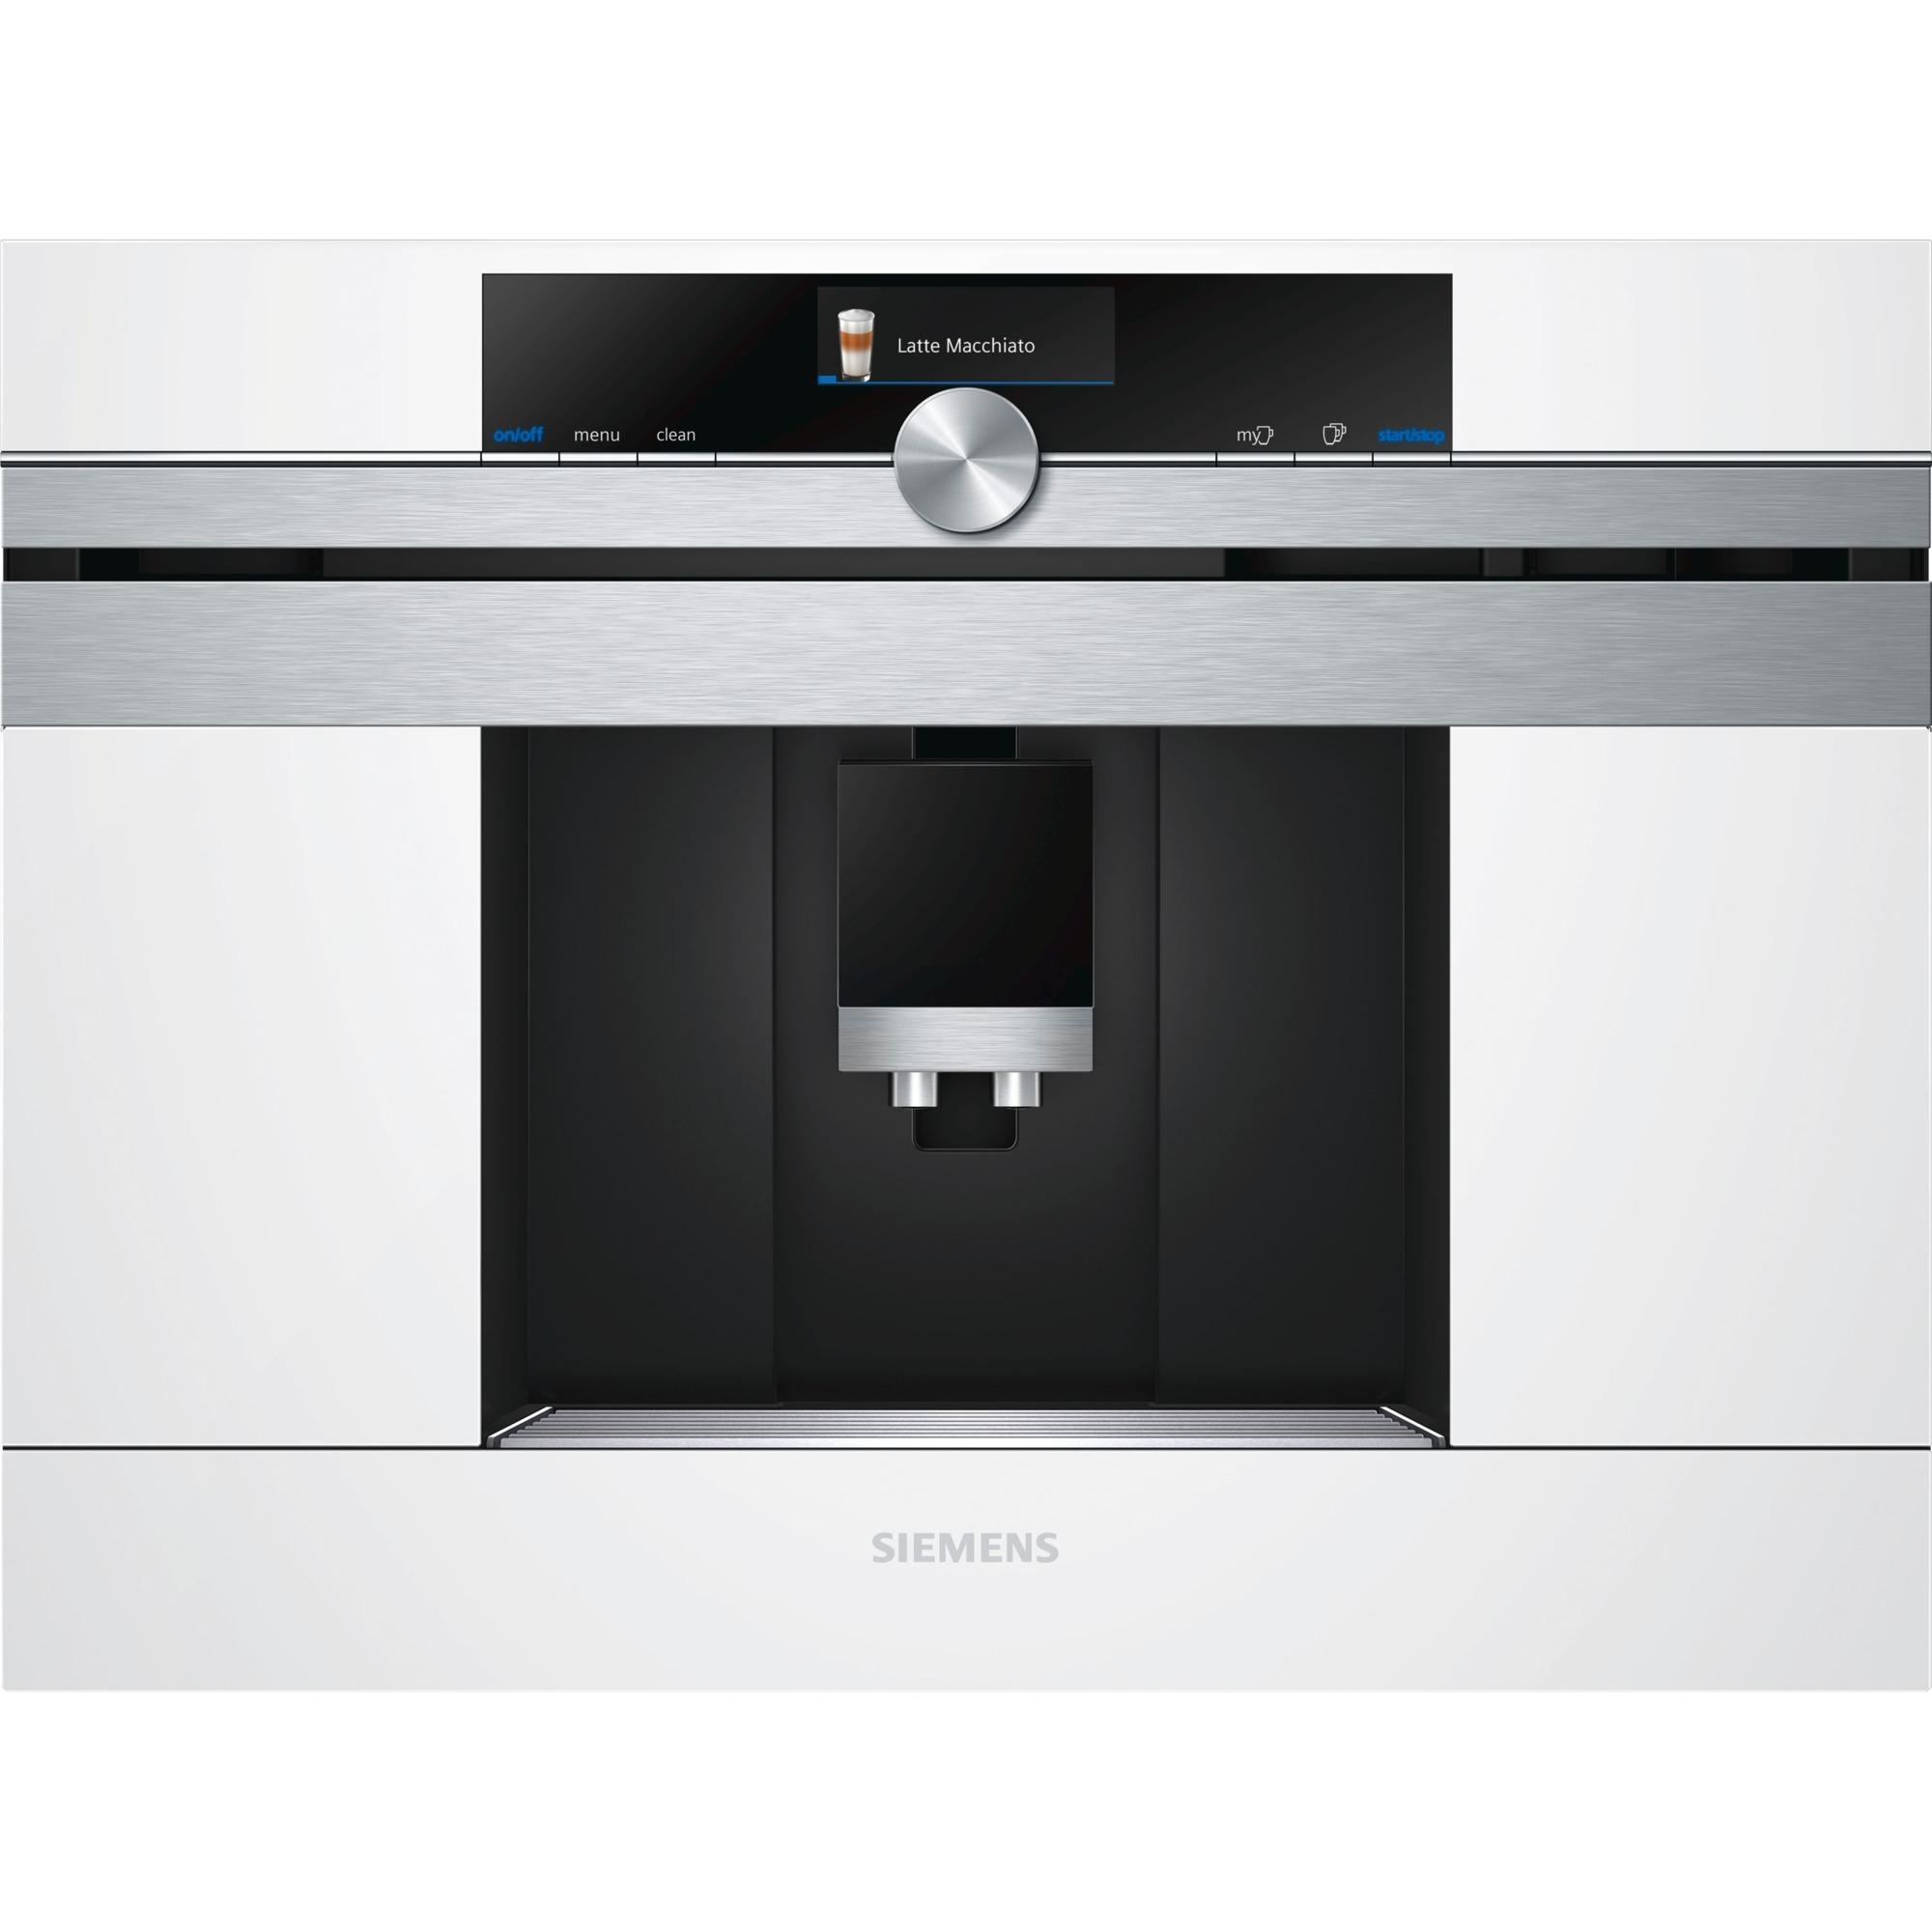 CT636LEW1 cafetera eléctrica Integrado Máquina espresso Acero inoxidable, Blanco 2,4 L 1 tazas Totalmente automática, Superautomática